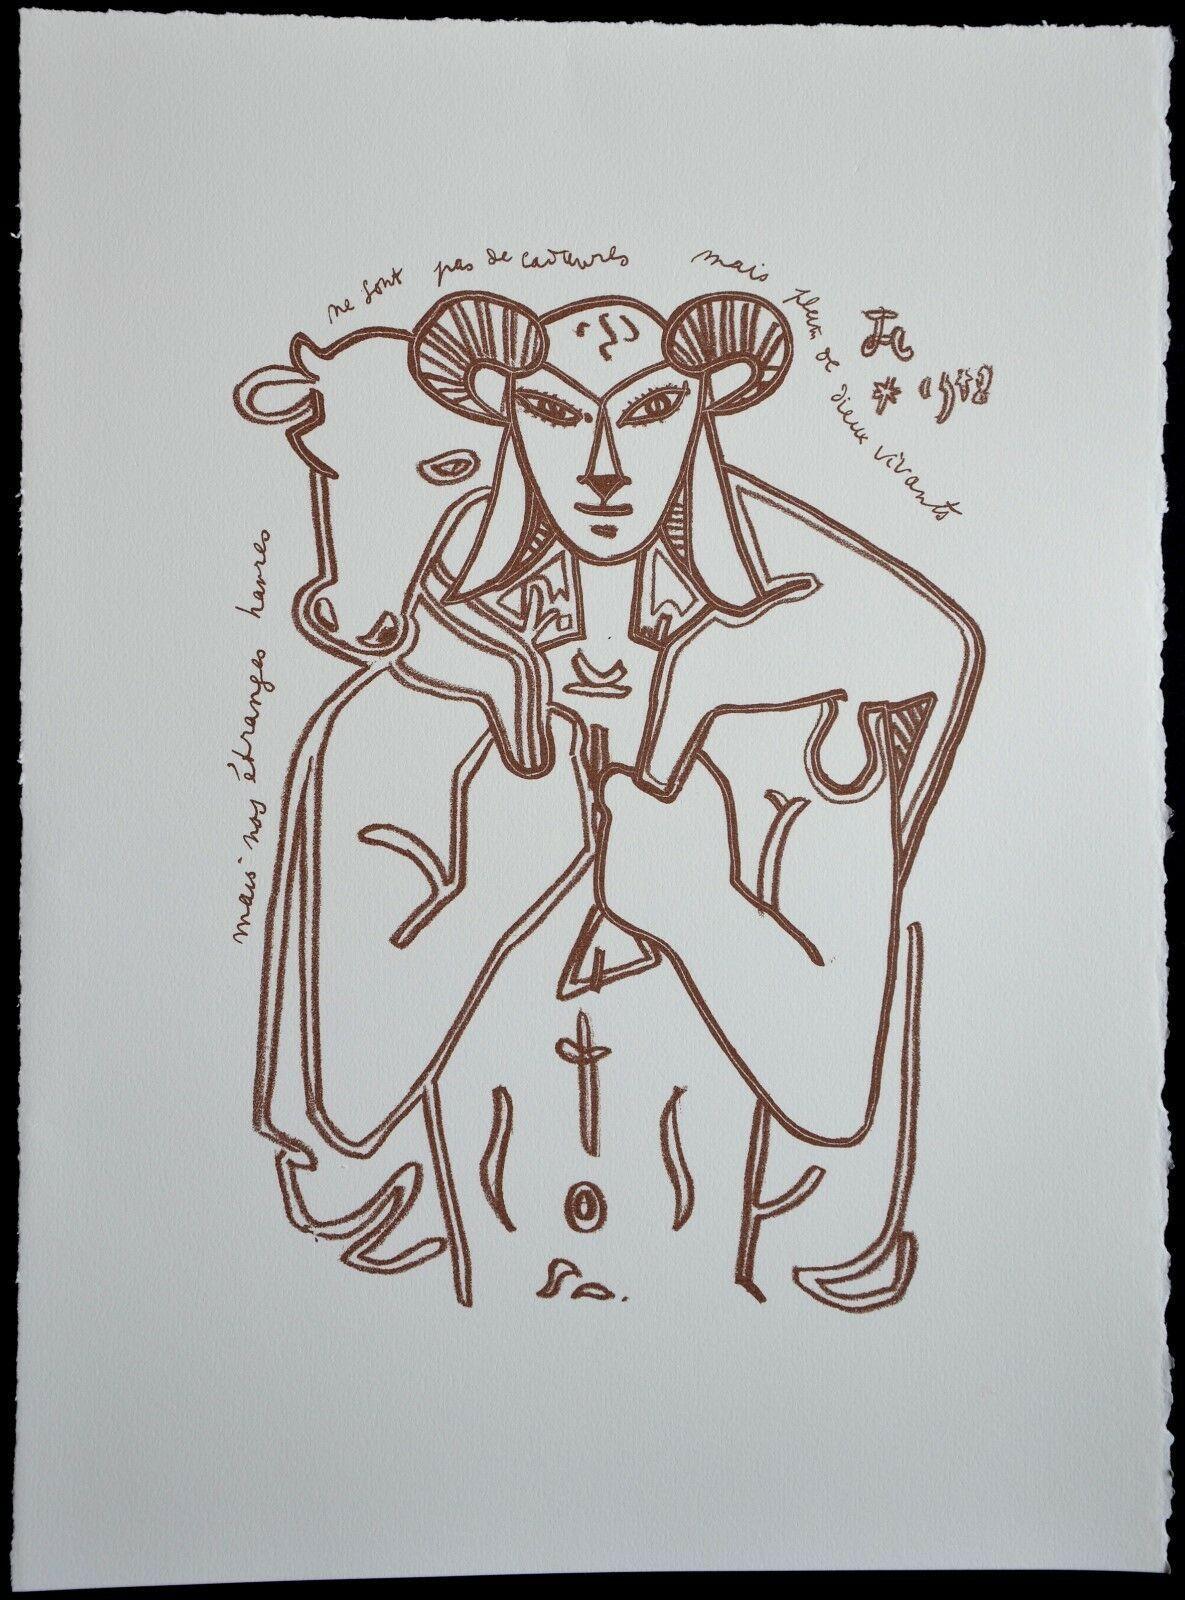 Jean Cocteau - Divinités cachées (Paul Valéry), 1958